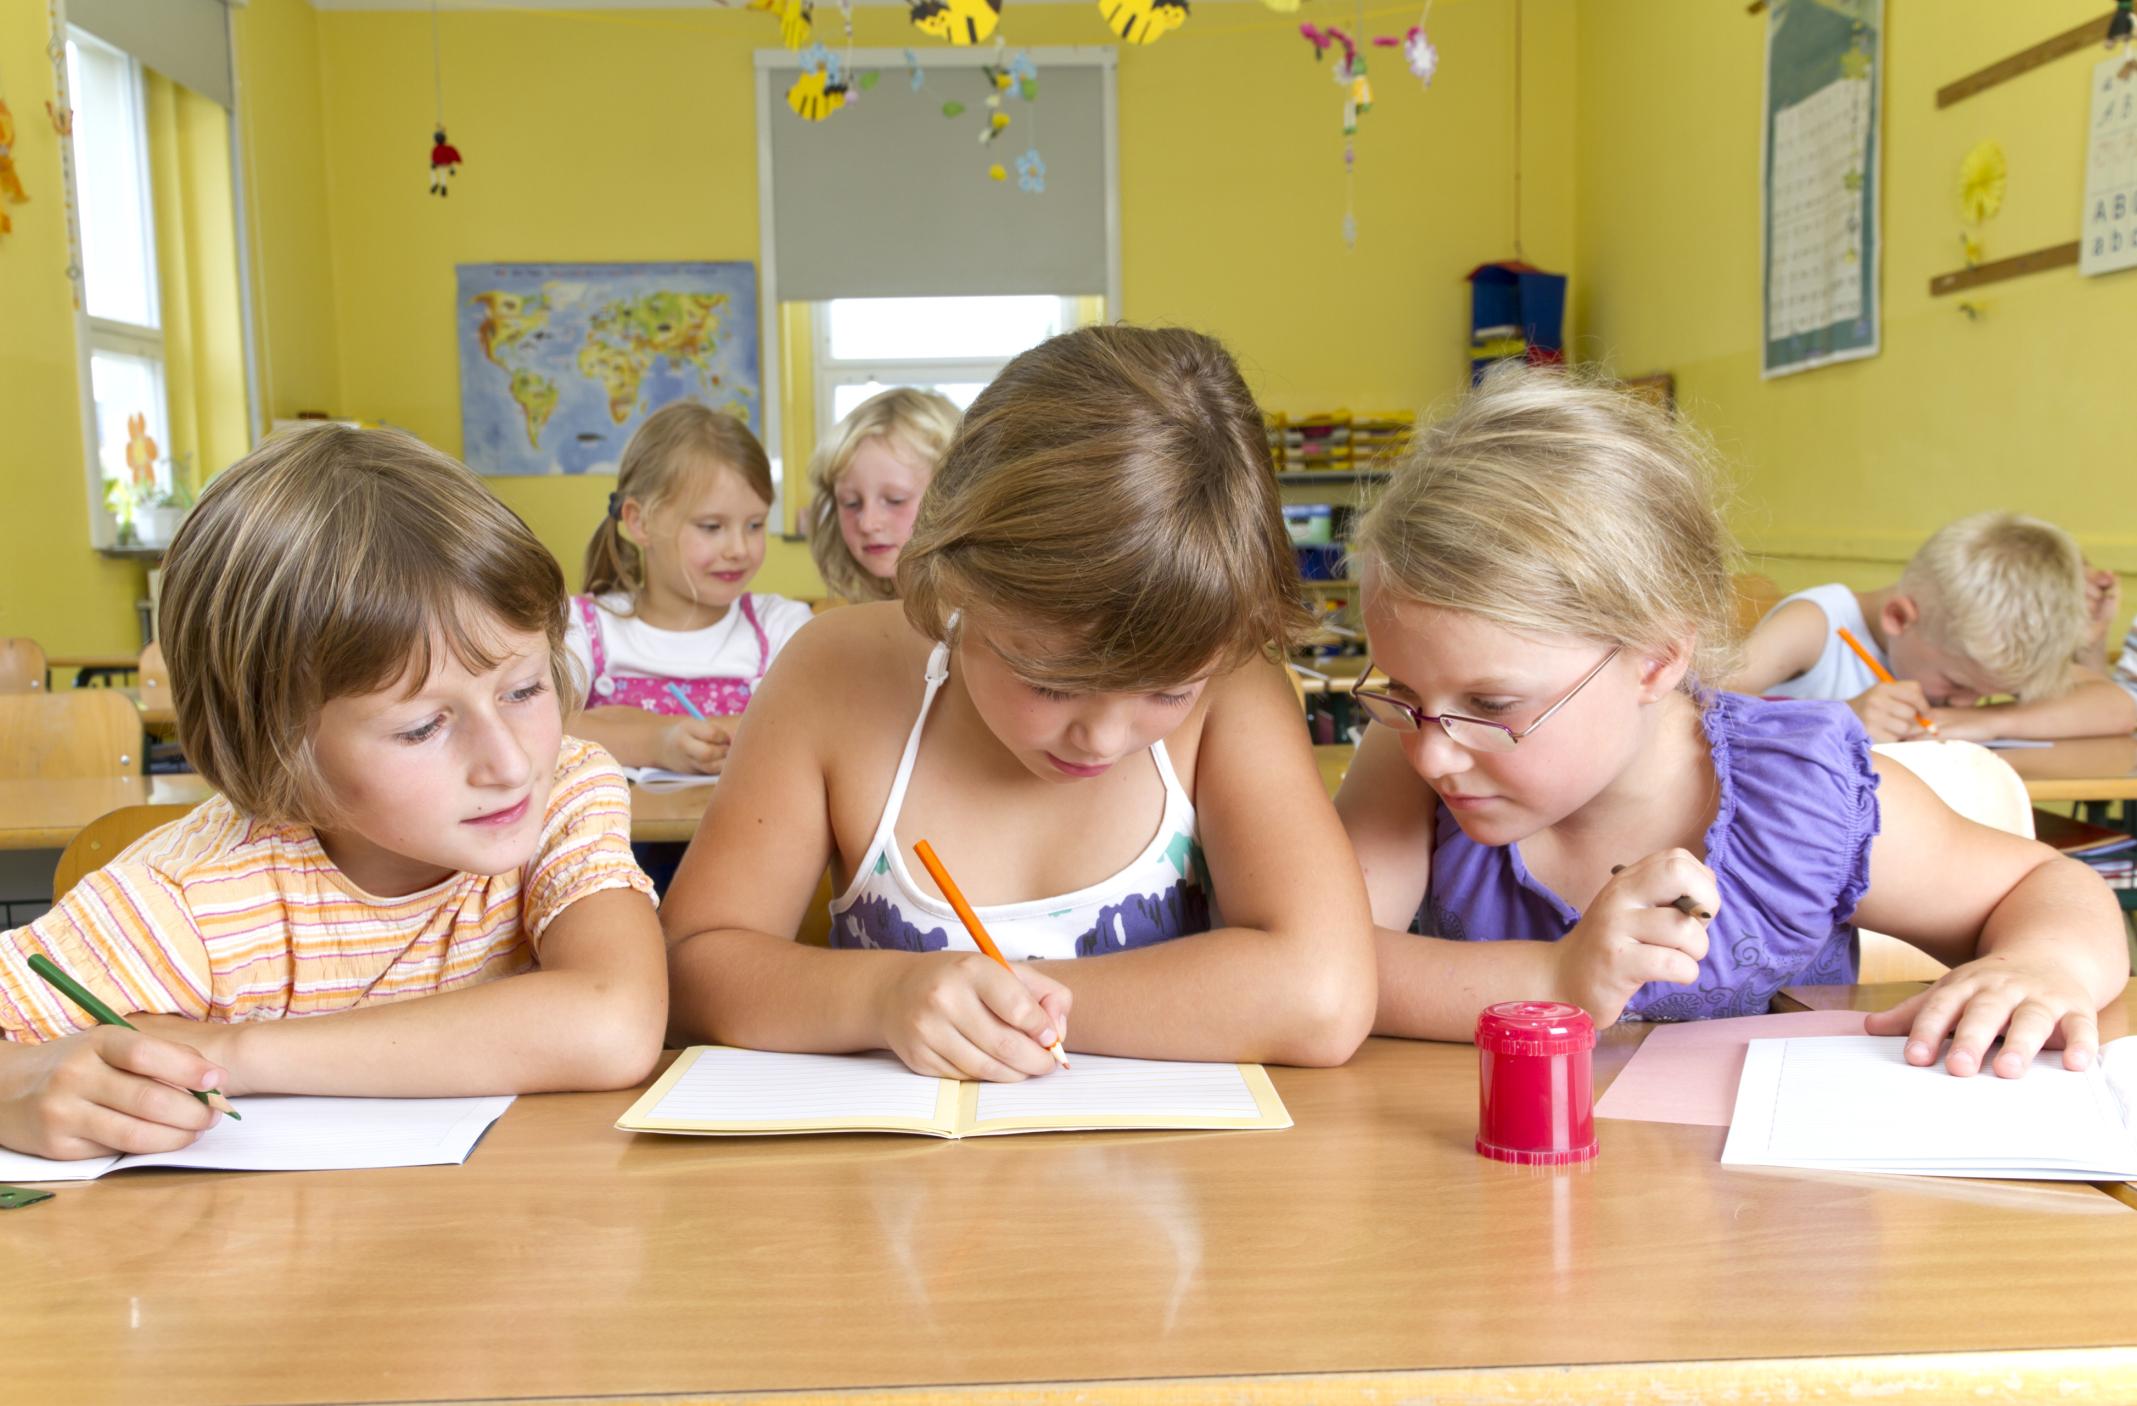 Les pratiques pédagogiques efficaces